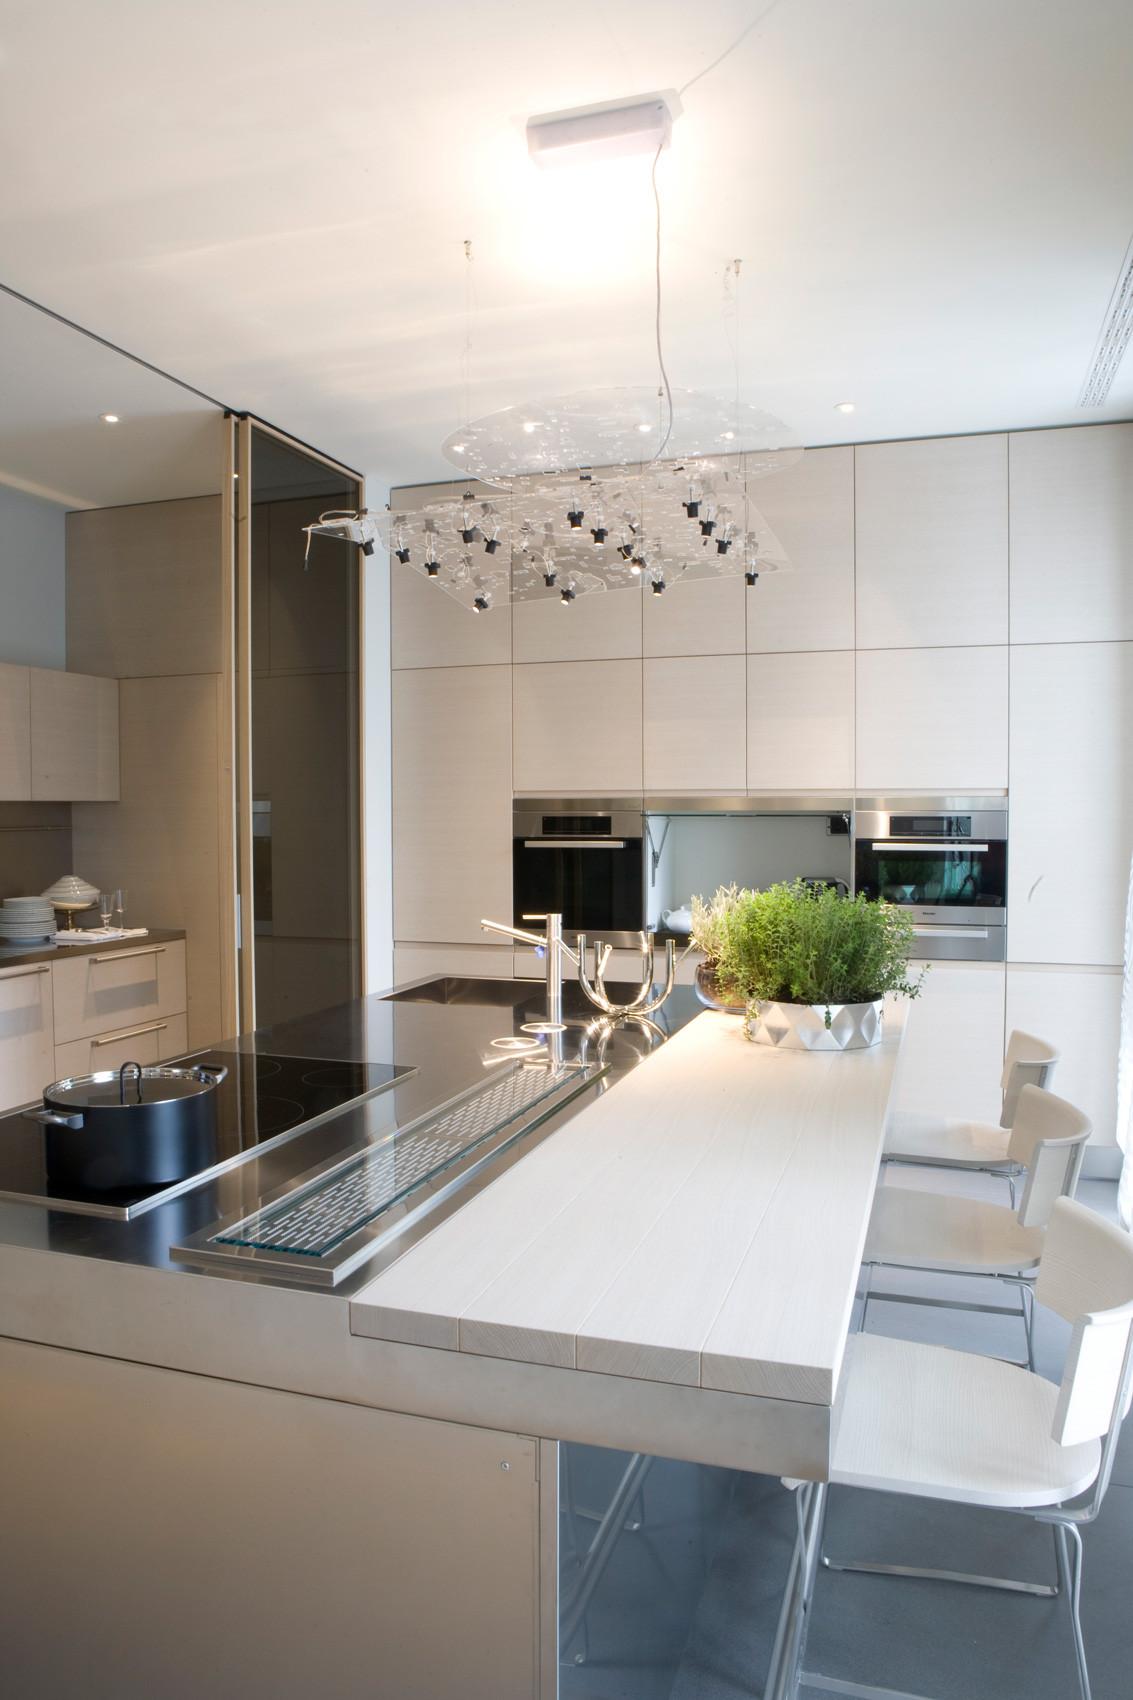 Residential residenze porta nuova milano italia arclinea - Residenze porta nuova ...